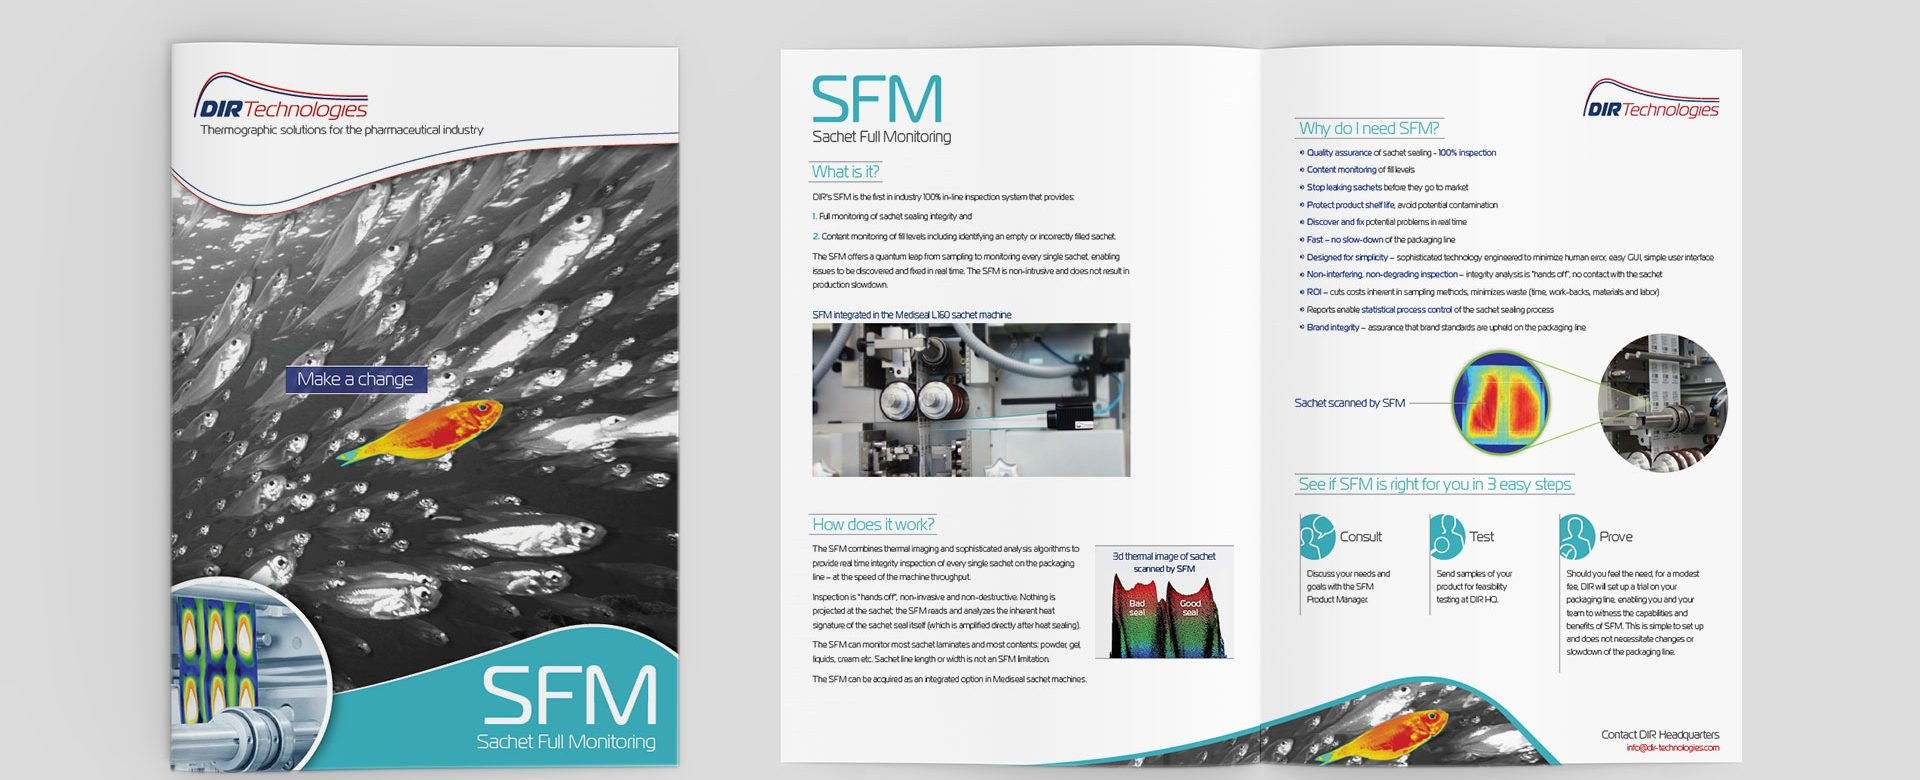 Dir Technologies Brochure